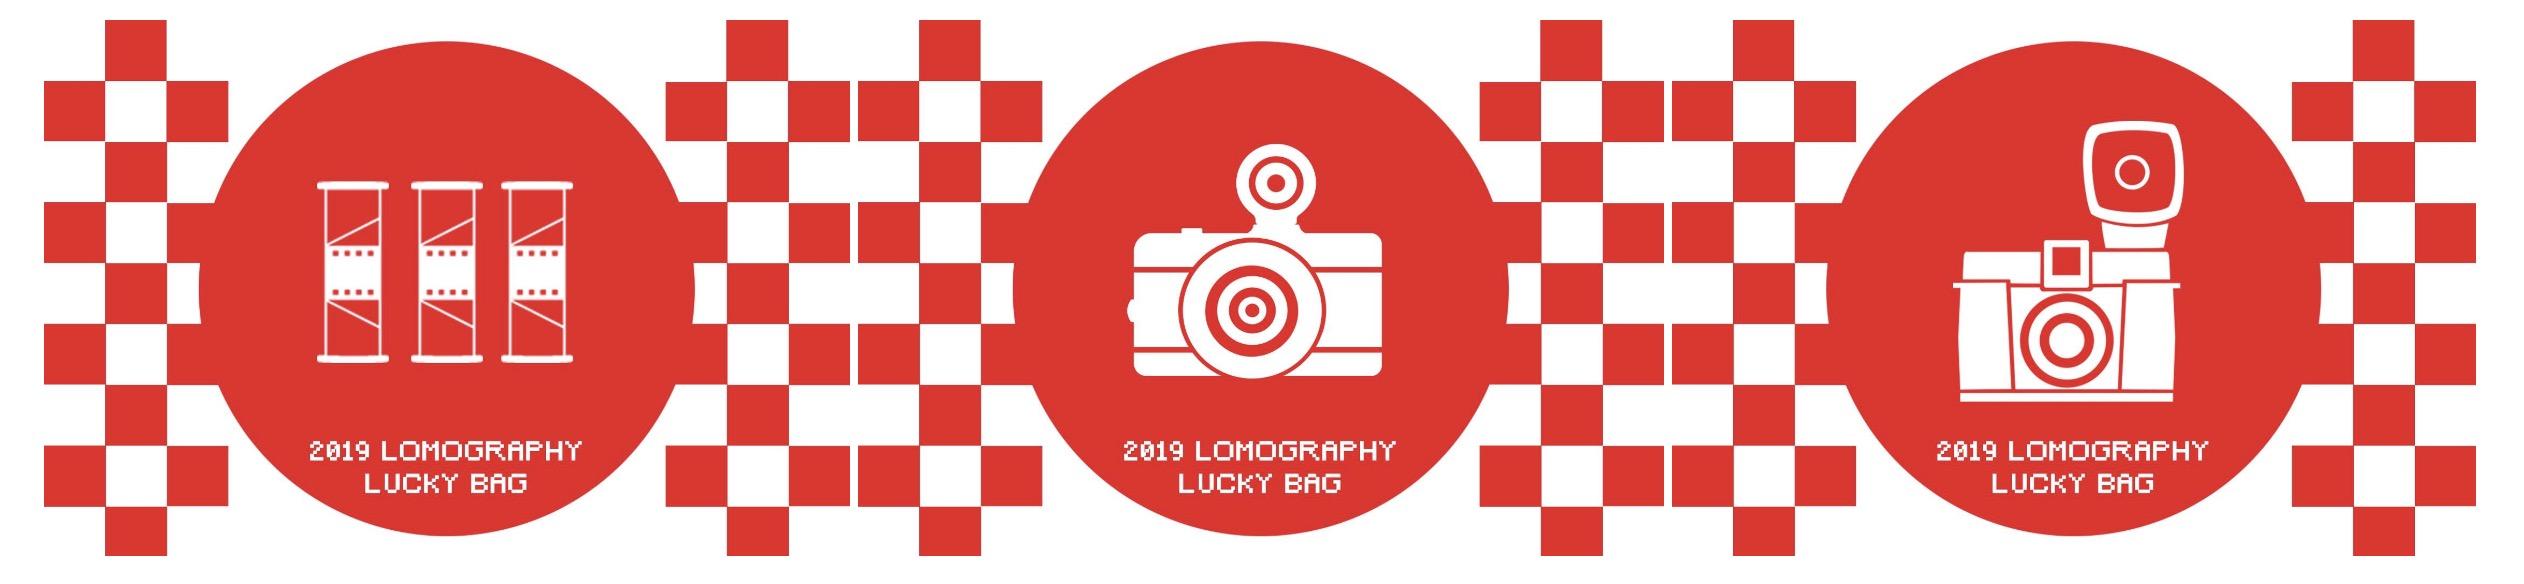 ロモグラフィー 福袋 2019